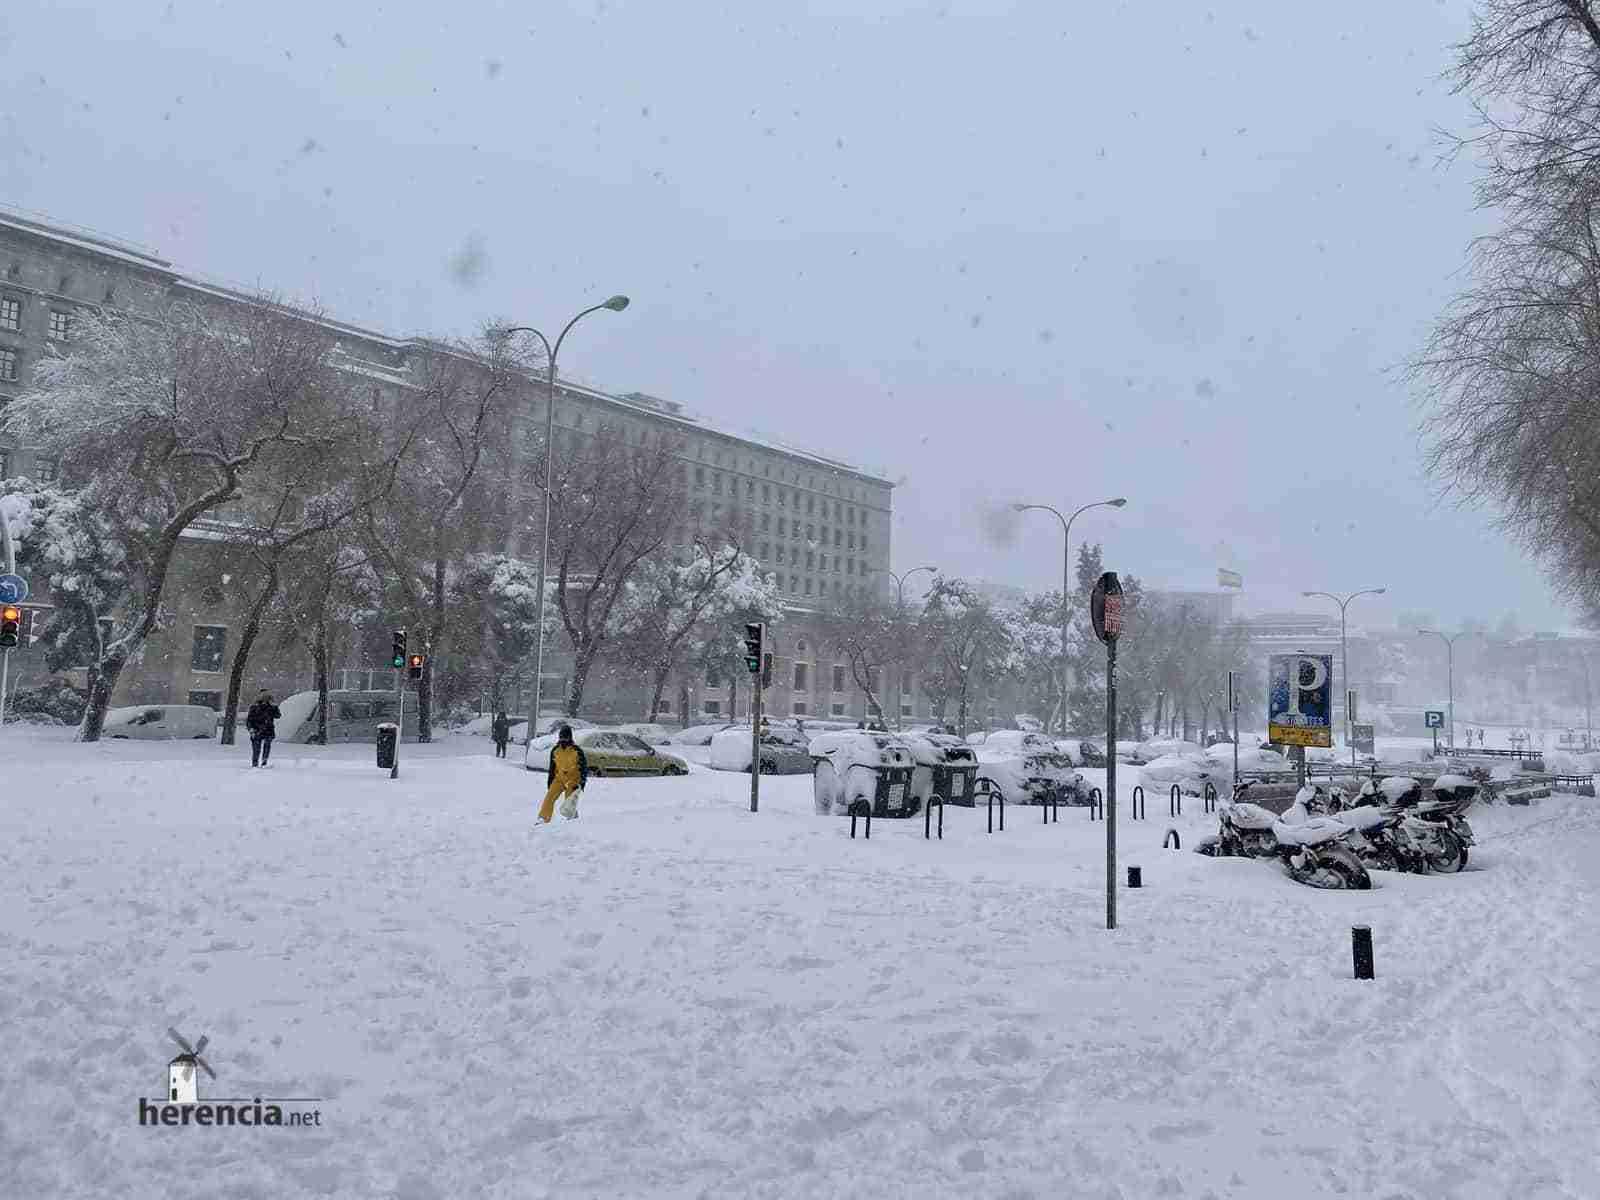 Fotografías de la nevada de enero en Madrid (España) 220